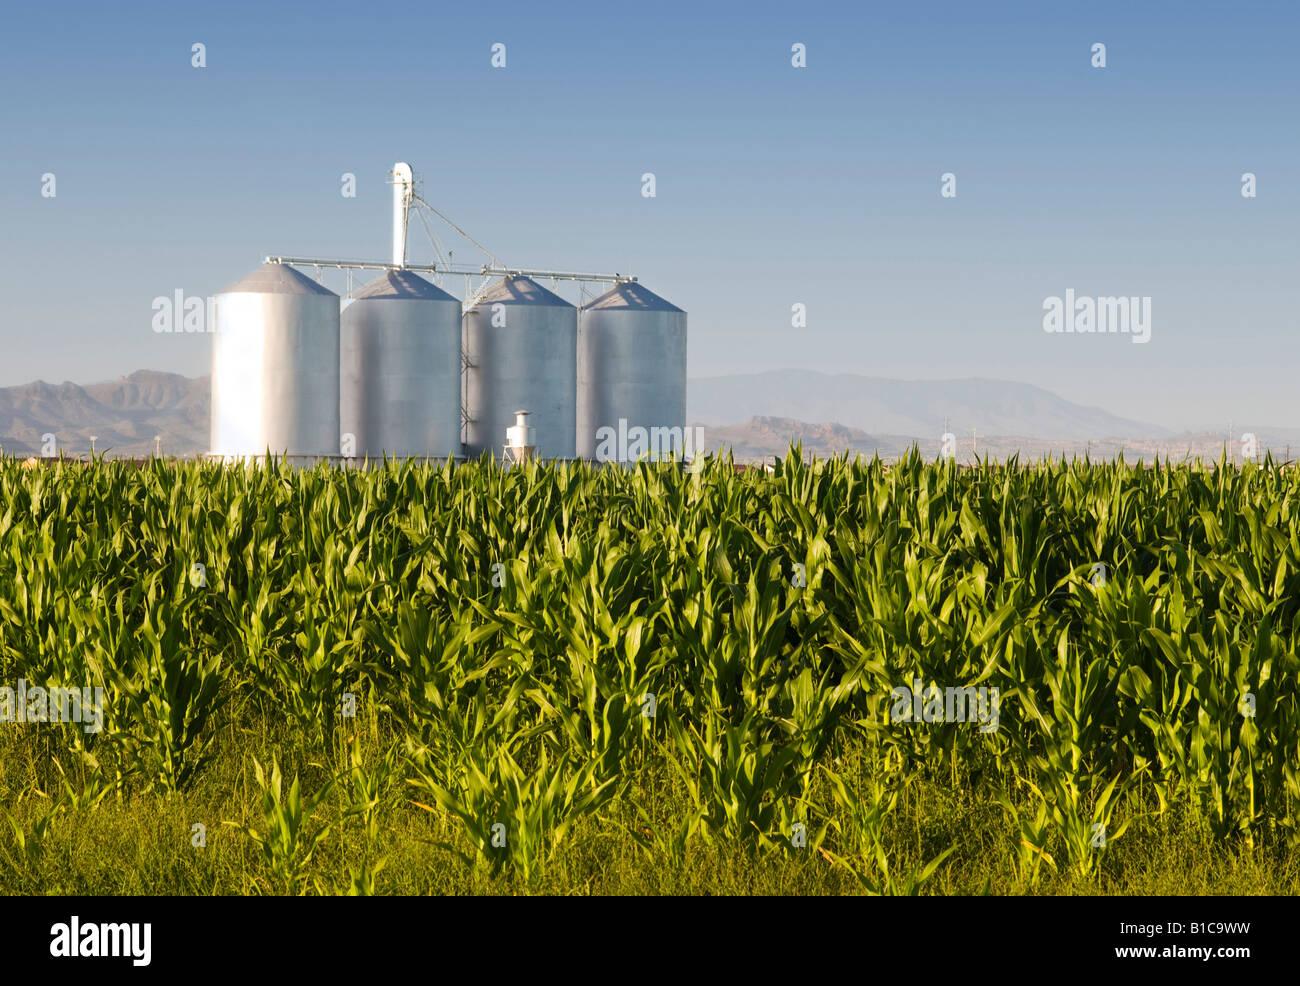 Il raccolto di mais con sili di fattoria e le montagne sullo sfondo Immagini Stock